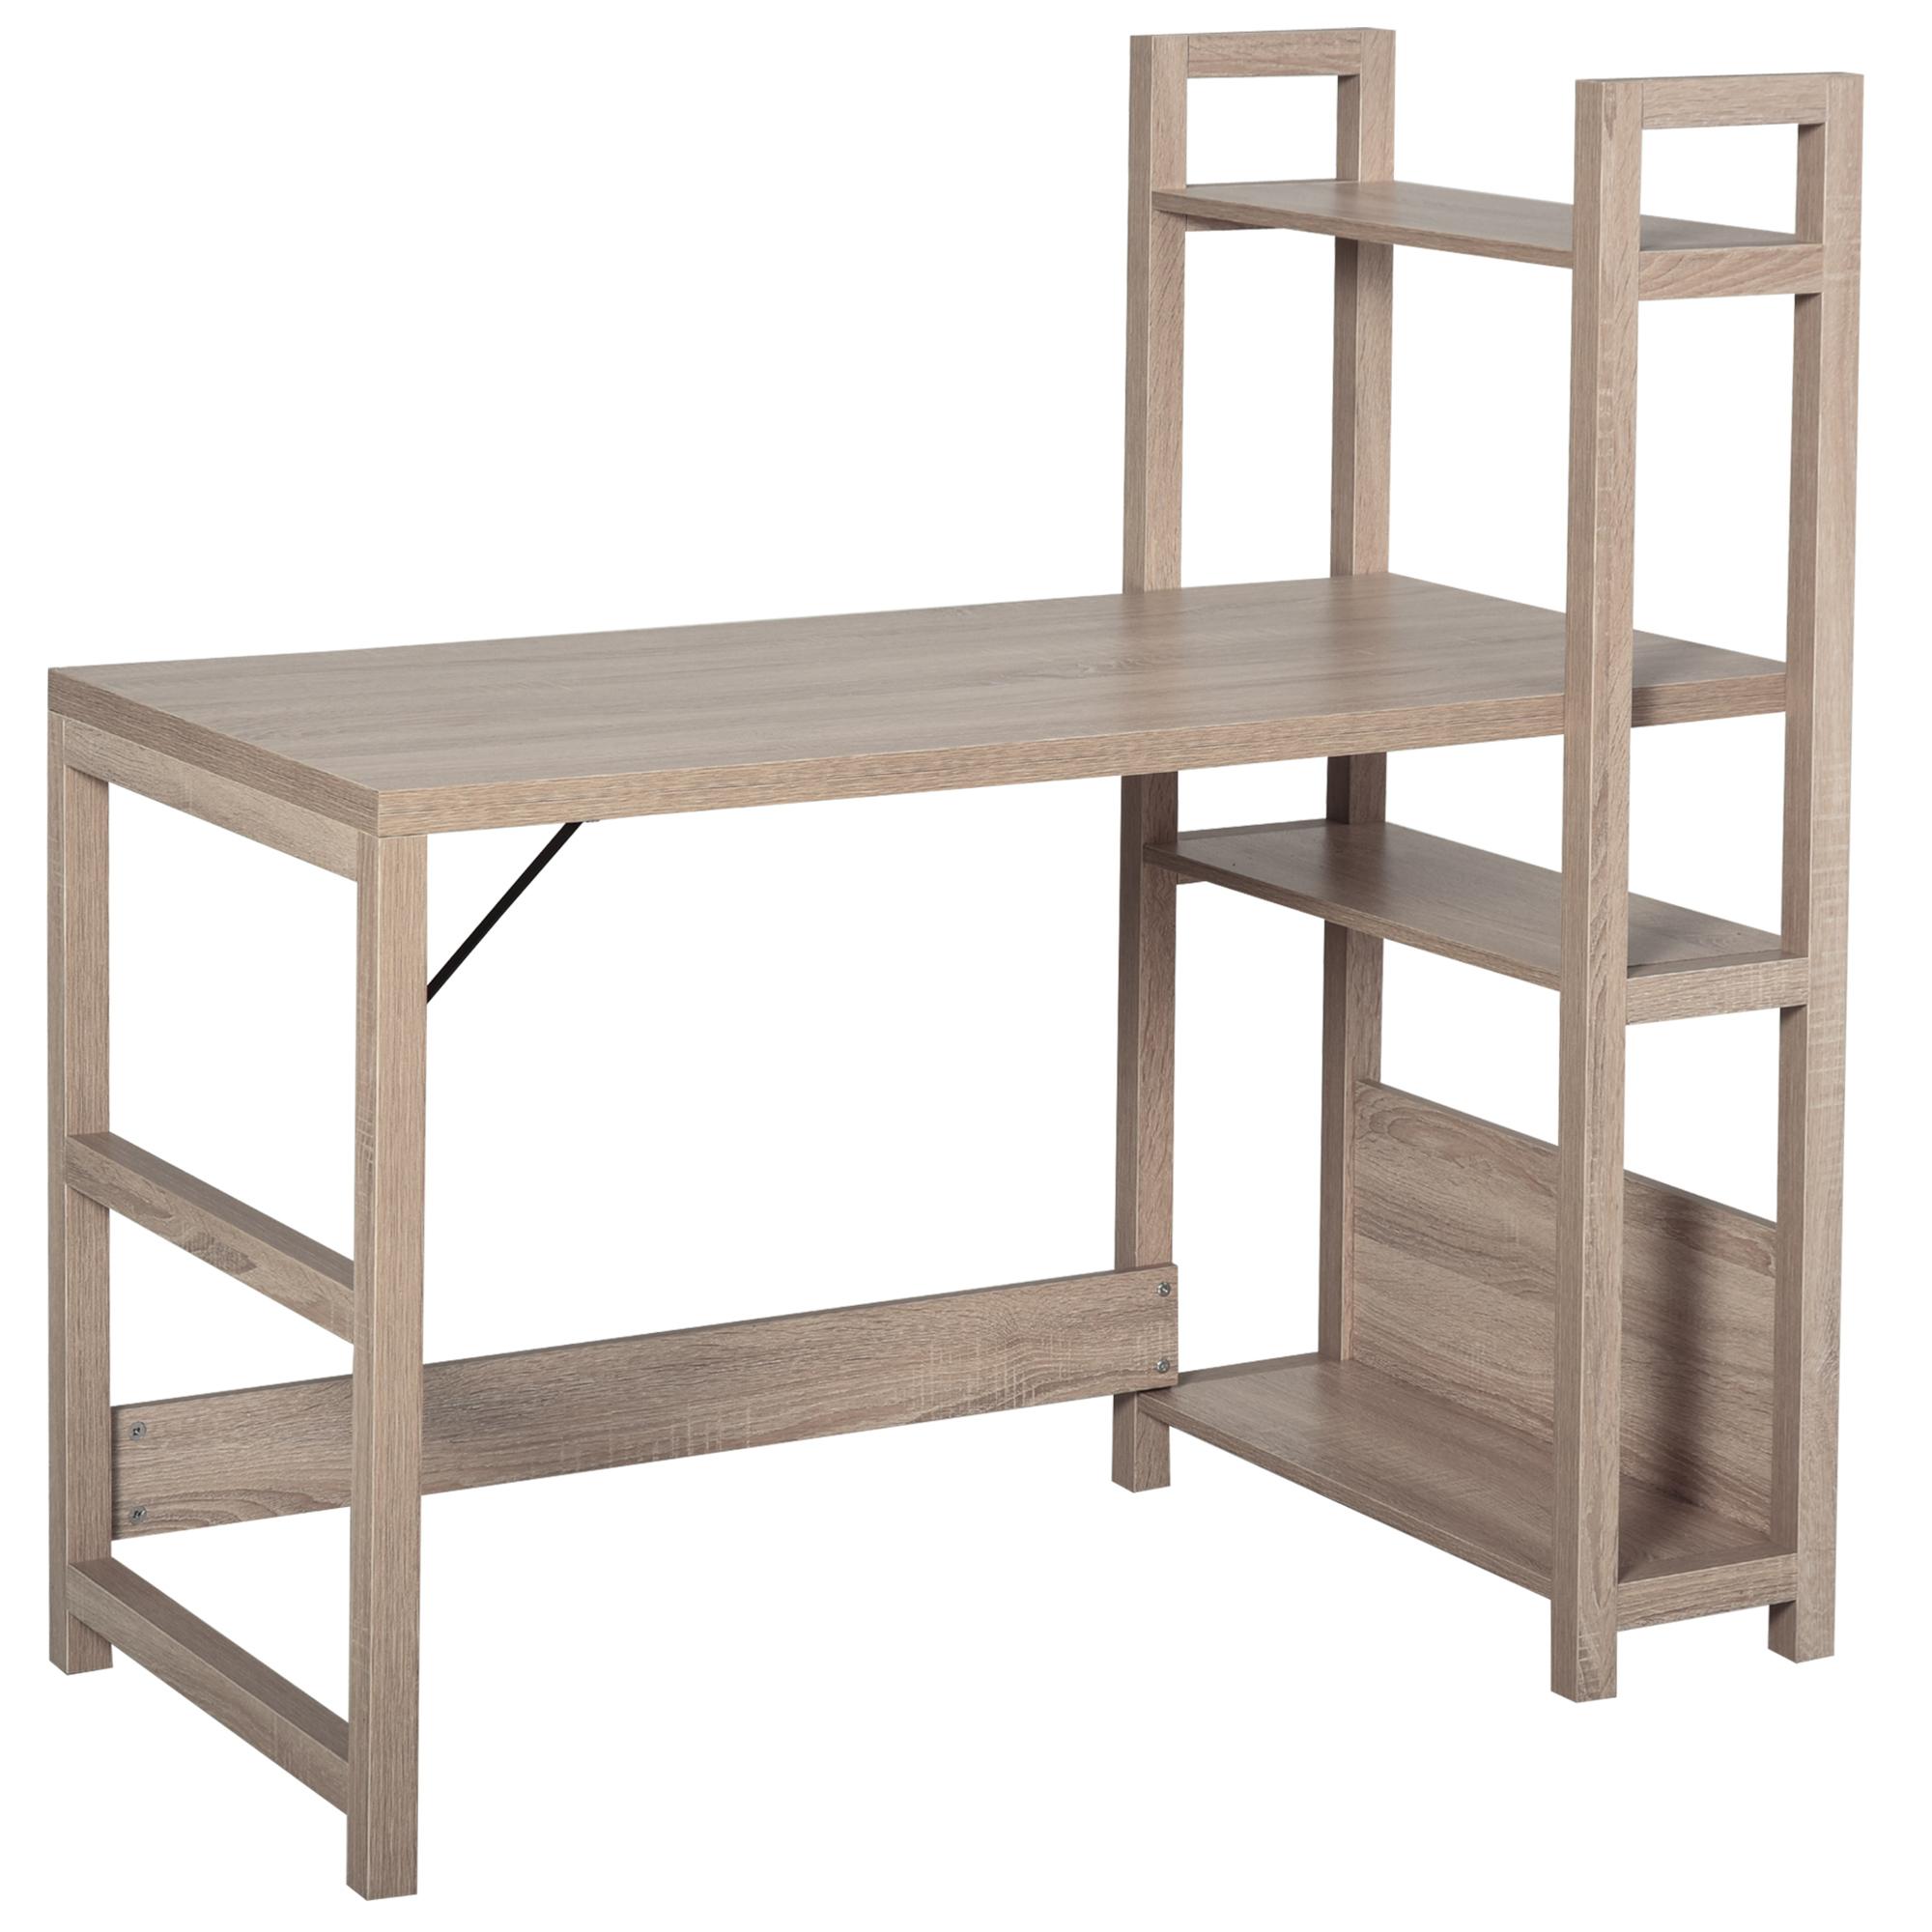 Bureau bibliothèque 3 étagères aspect bois chêne clair